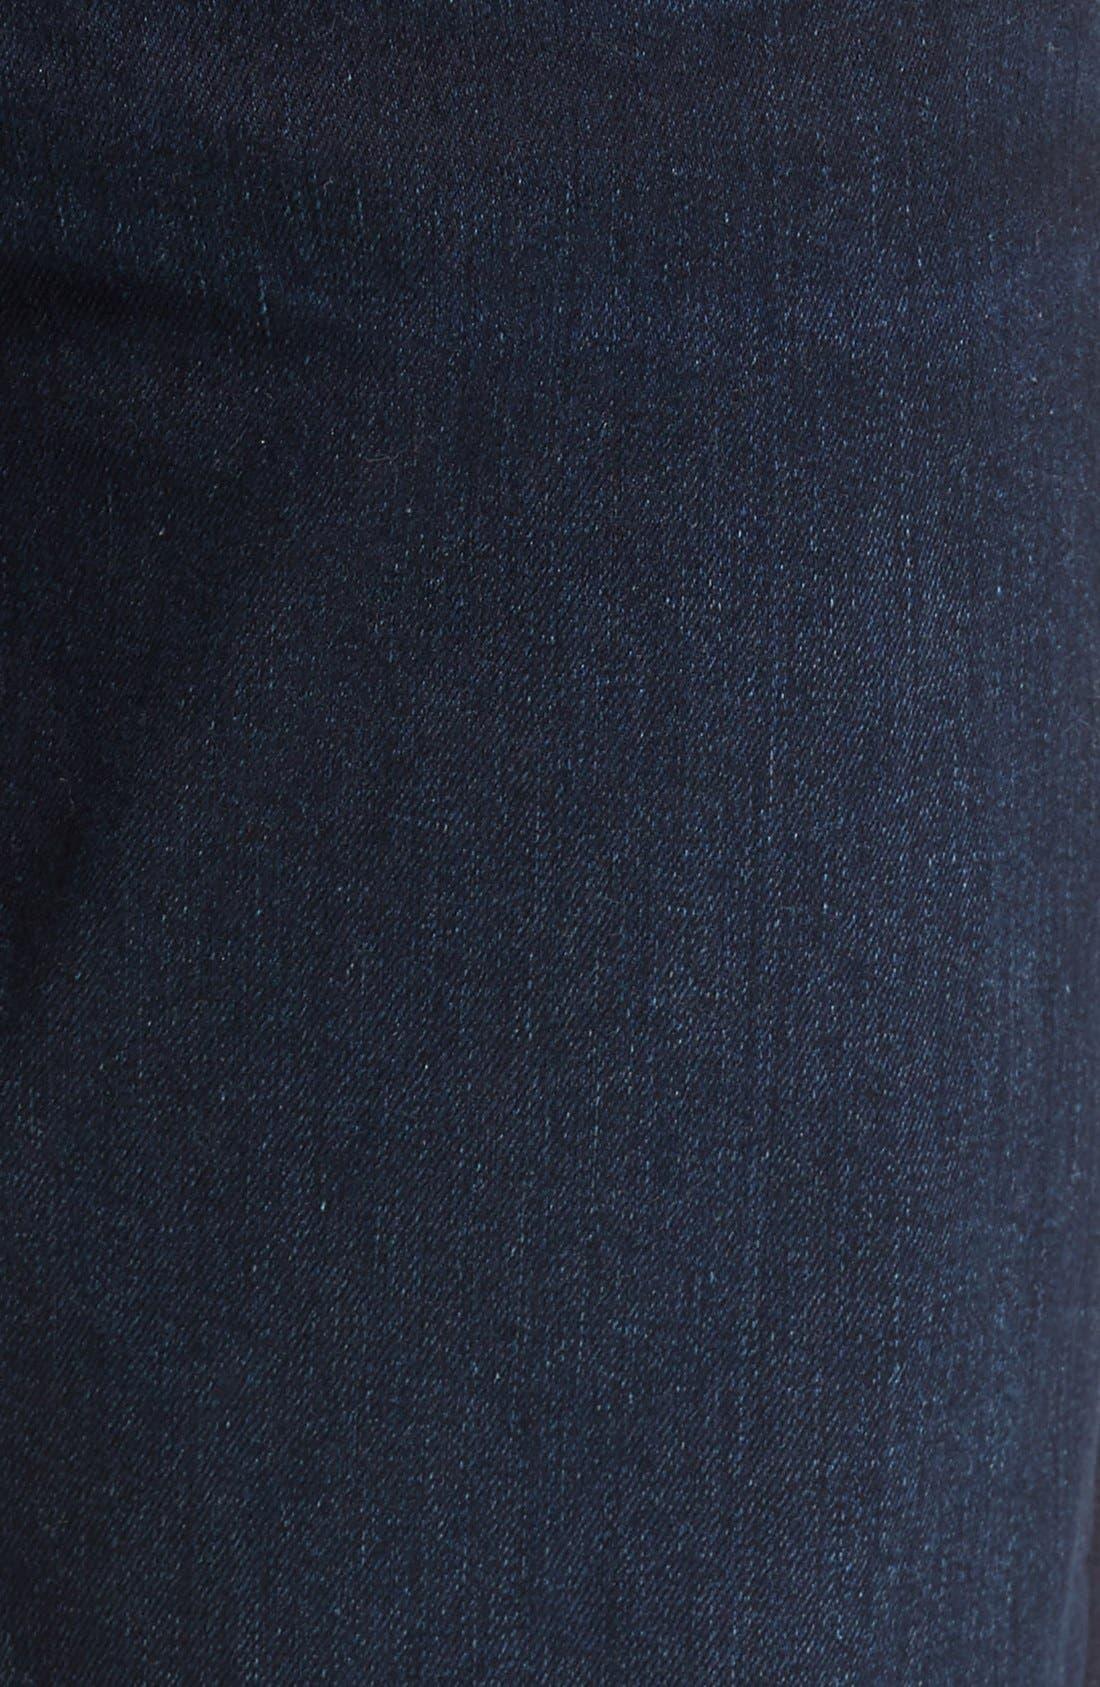 Brixton Kinetic Slim Straight Leg Jeans,                             Alternate thumbnail 6, color,                             400